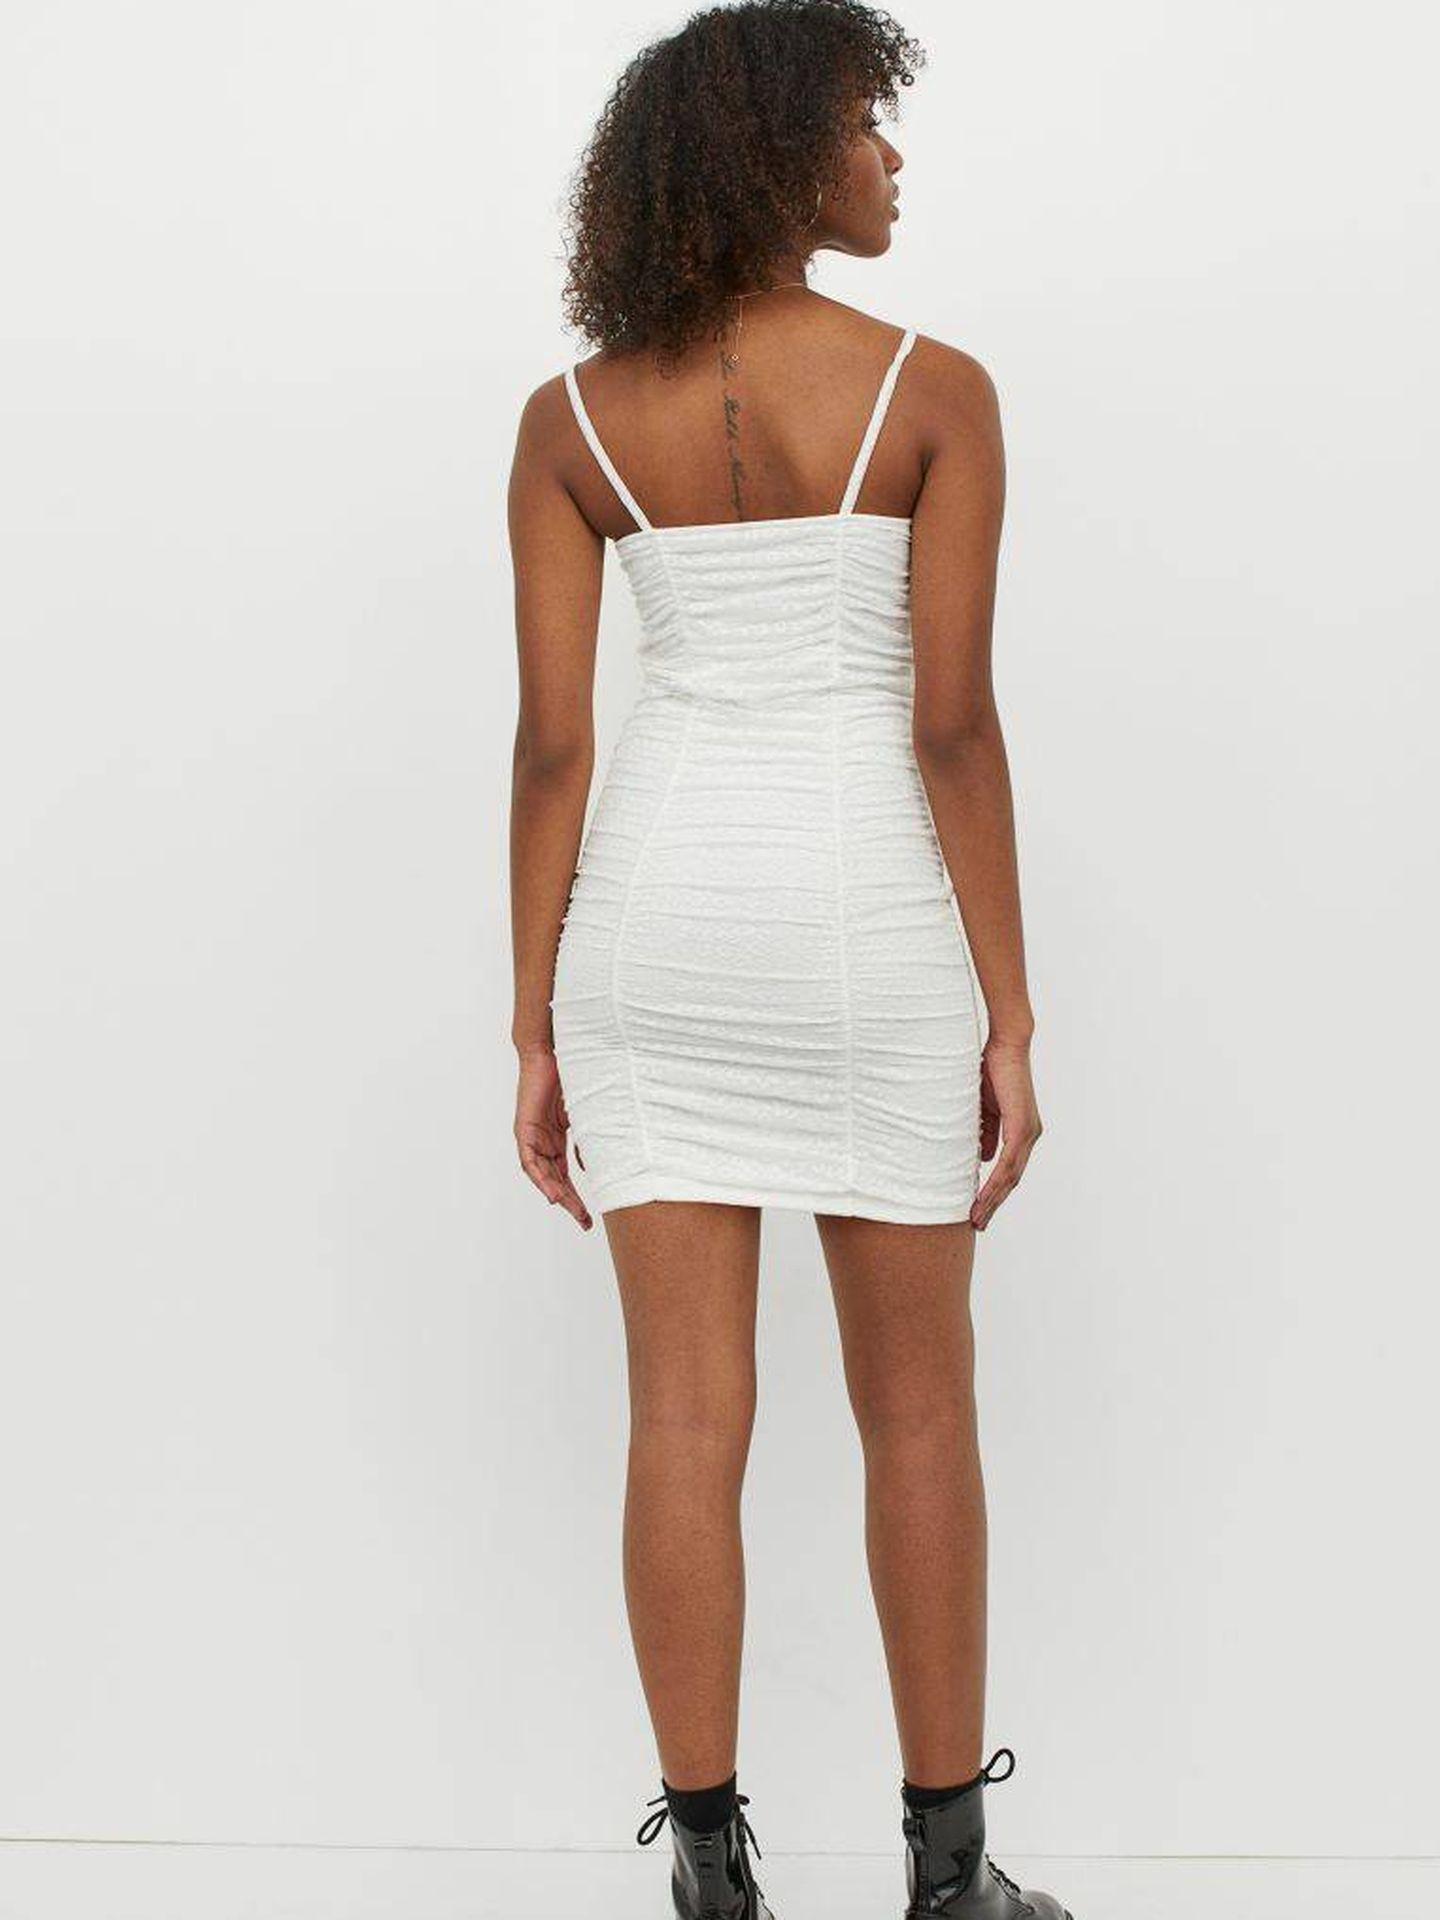 El vestido blanco de HyM para un verano con estilo. (Cortesía)